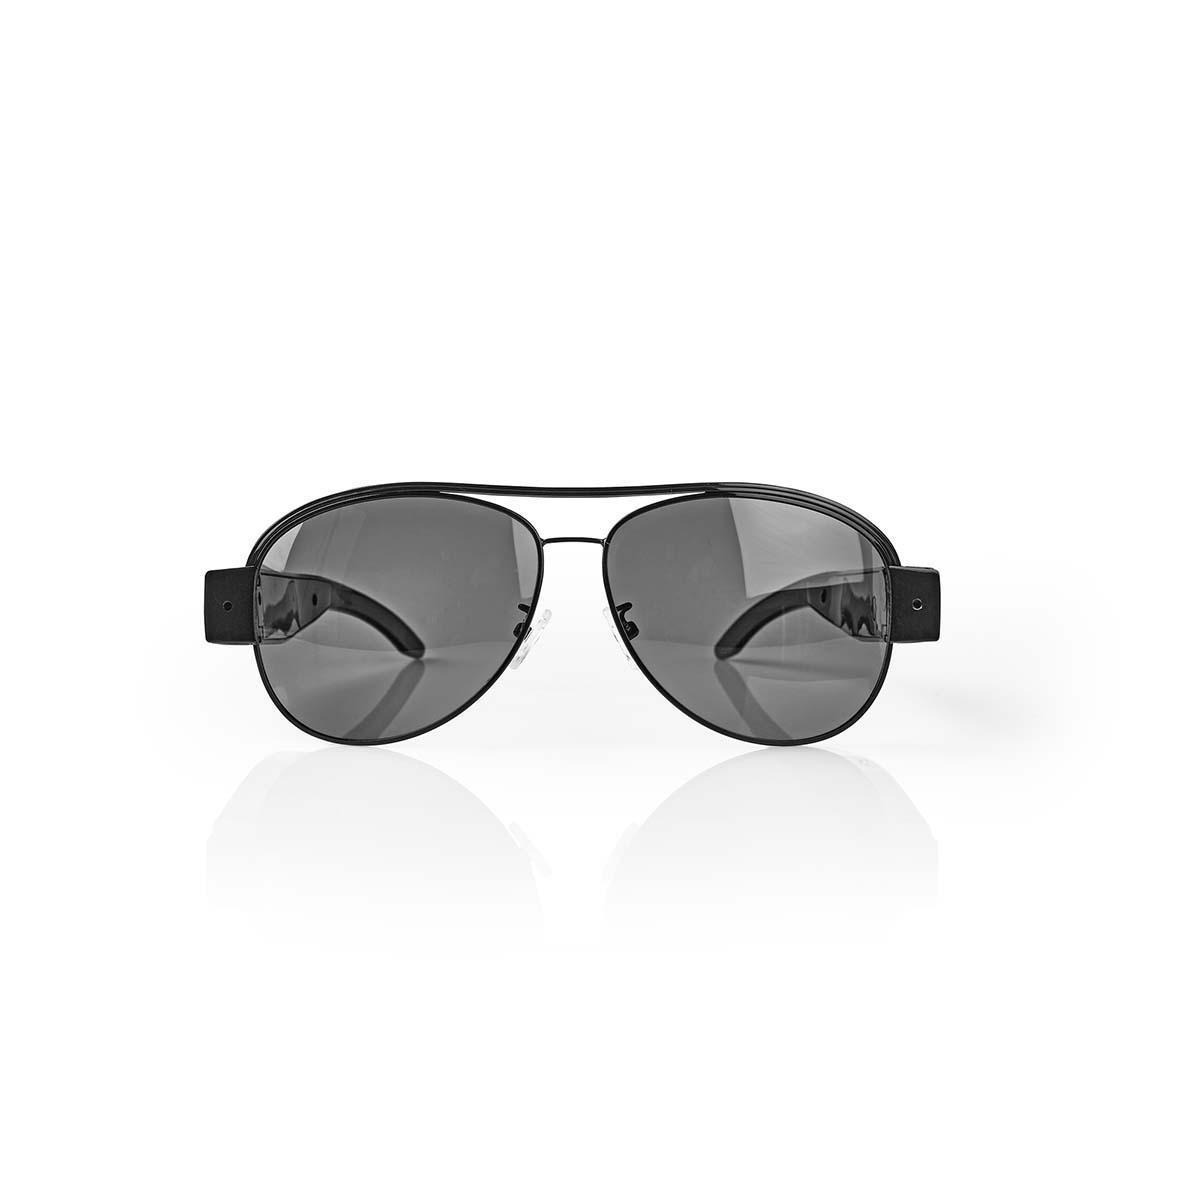 Sonnenbrille mit integrierter Kamera | Video 1920 x 1080 | 4032x3024 Foto | Wiederaufladbar Setzen Sie diese Sonnenbrille mit einer versteckten Kamera auf und machen Sie unauffällige Aufnahmen. Die Sonnenbrille eignet sich nicht nur ideal als Spycam, sond